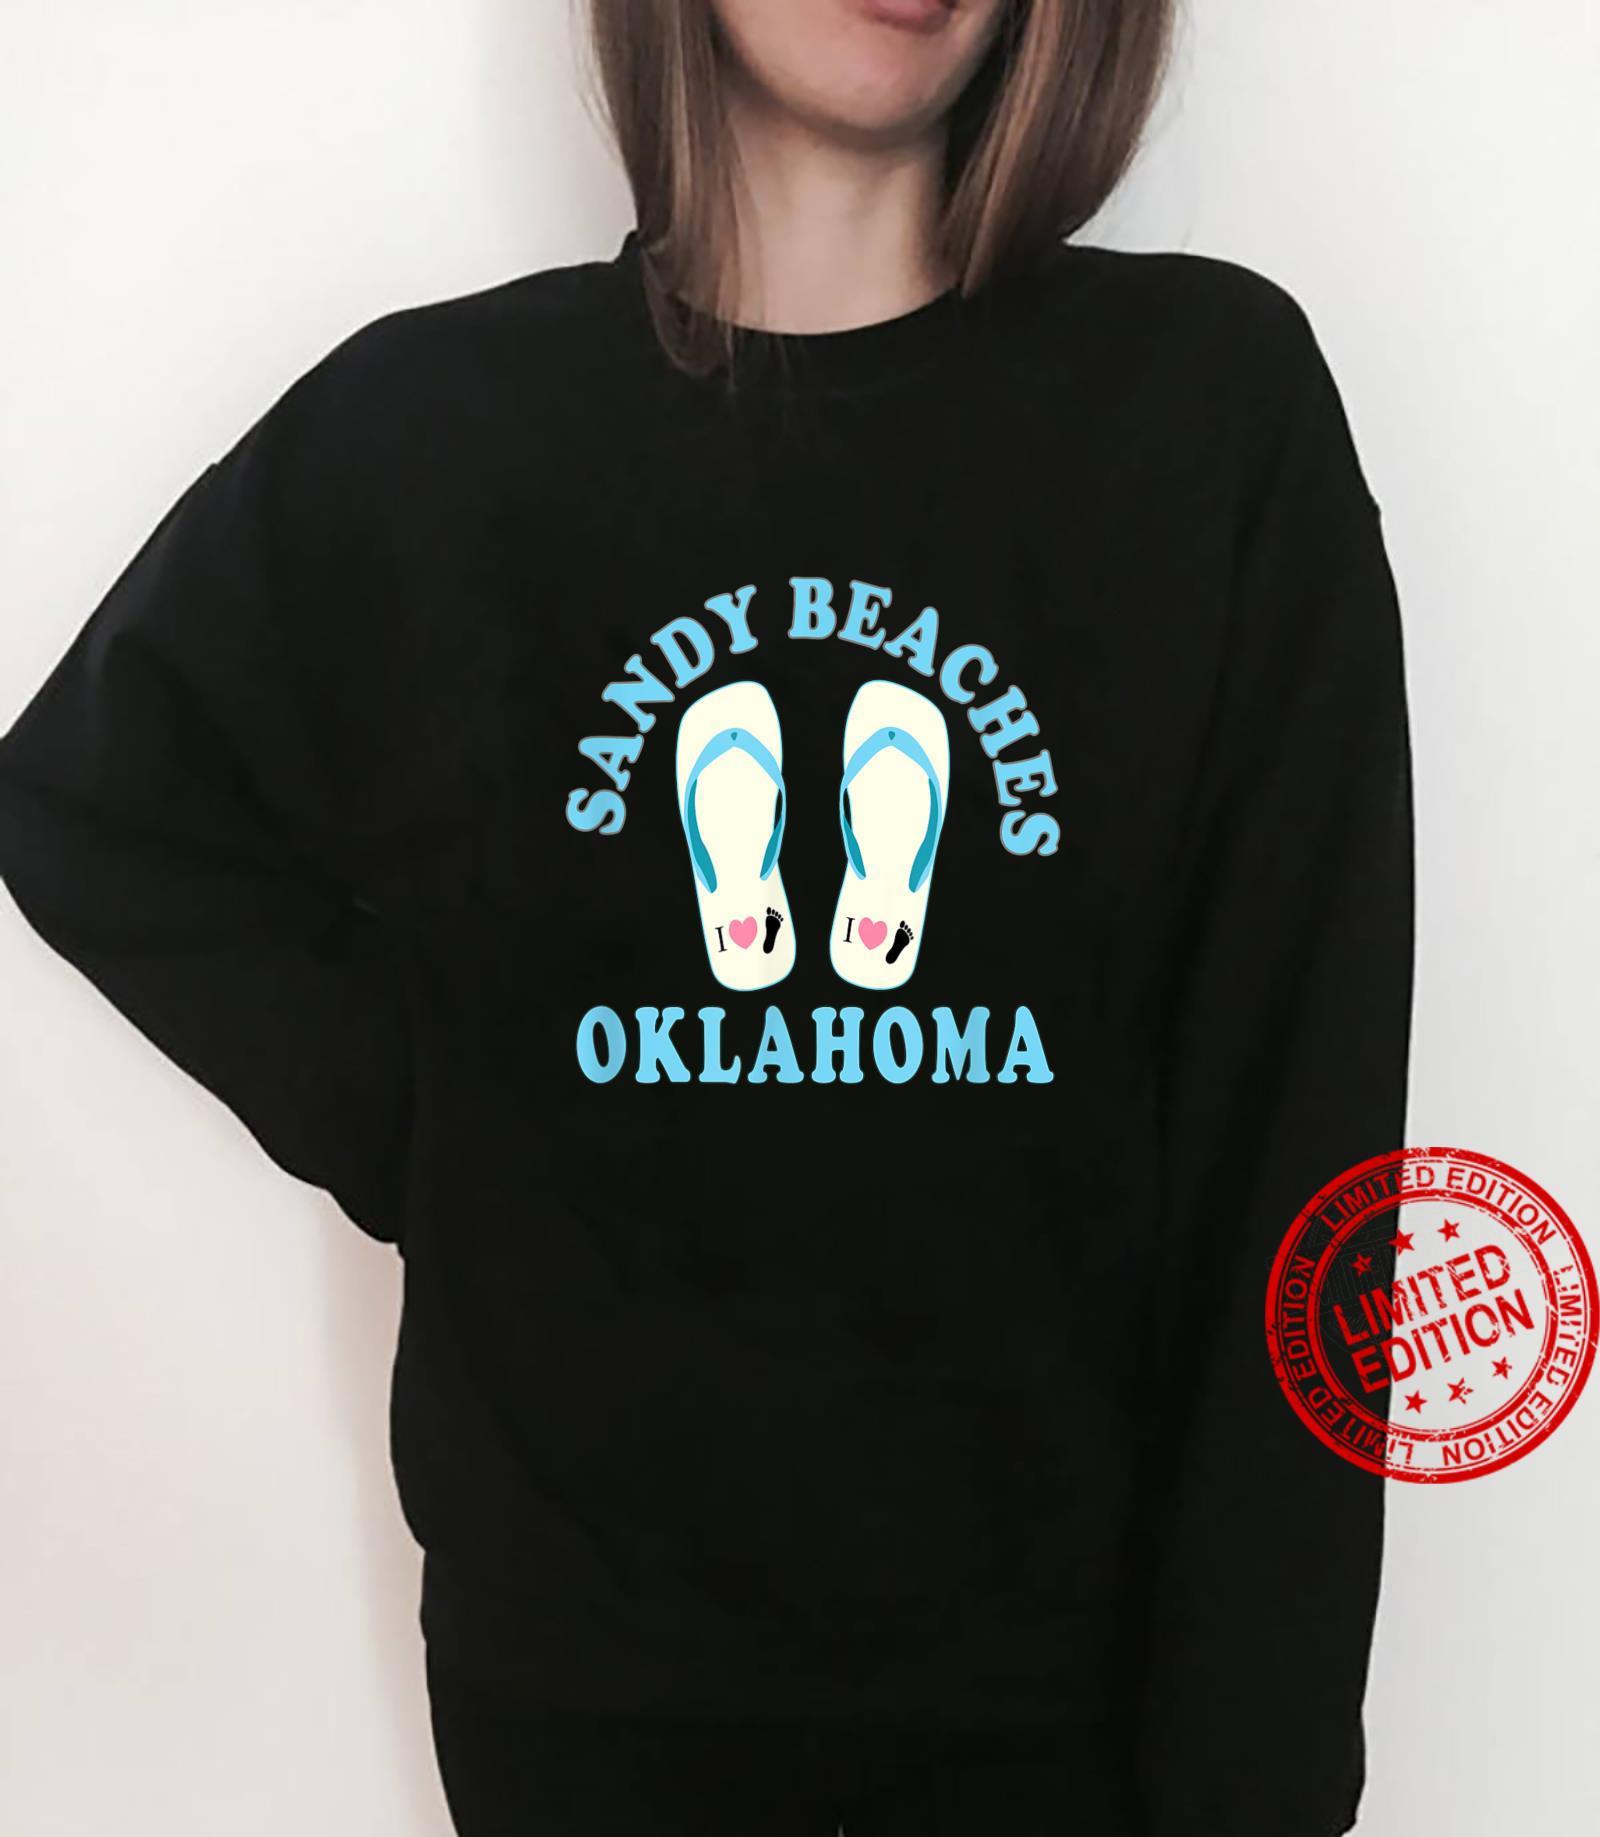 Oklahoma Vacation Sandy Beaches I Heart Flip Flops Shirt sweater